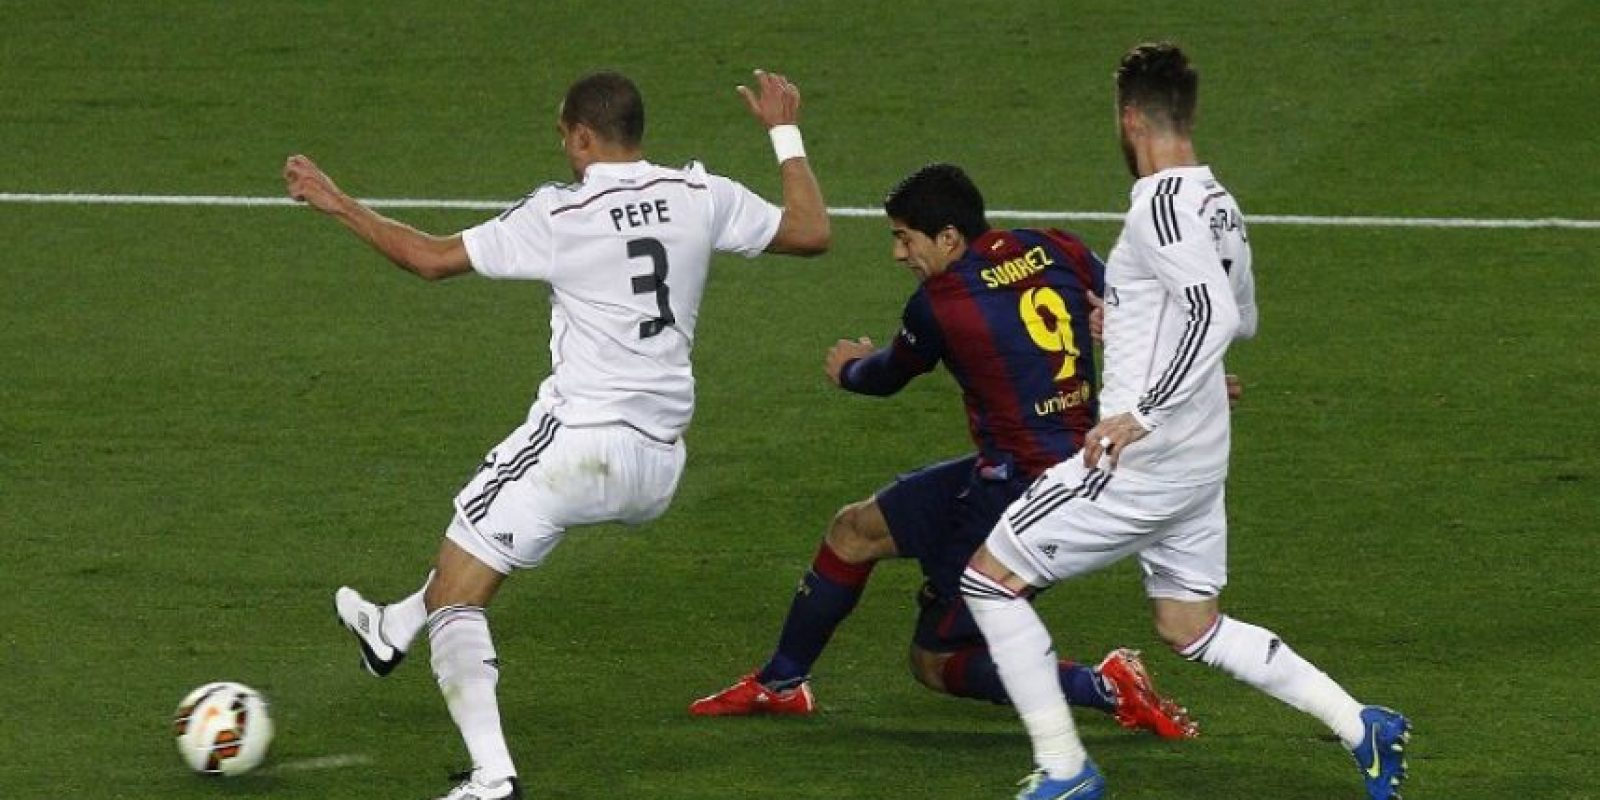 Los merengues y los culés volverán a verse las caras en el Camp Nou. Foto:AFP